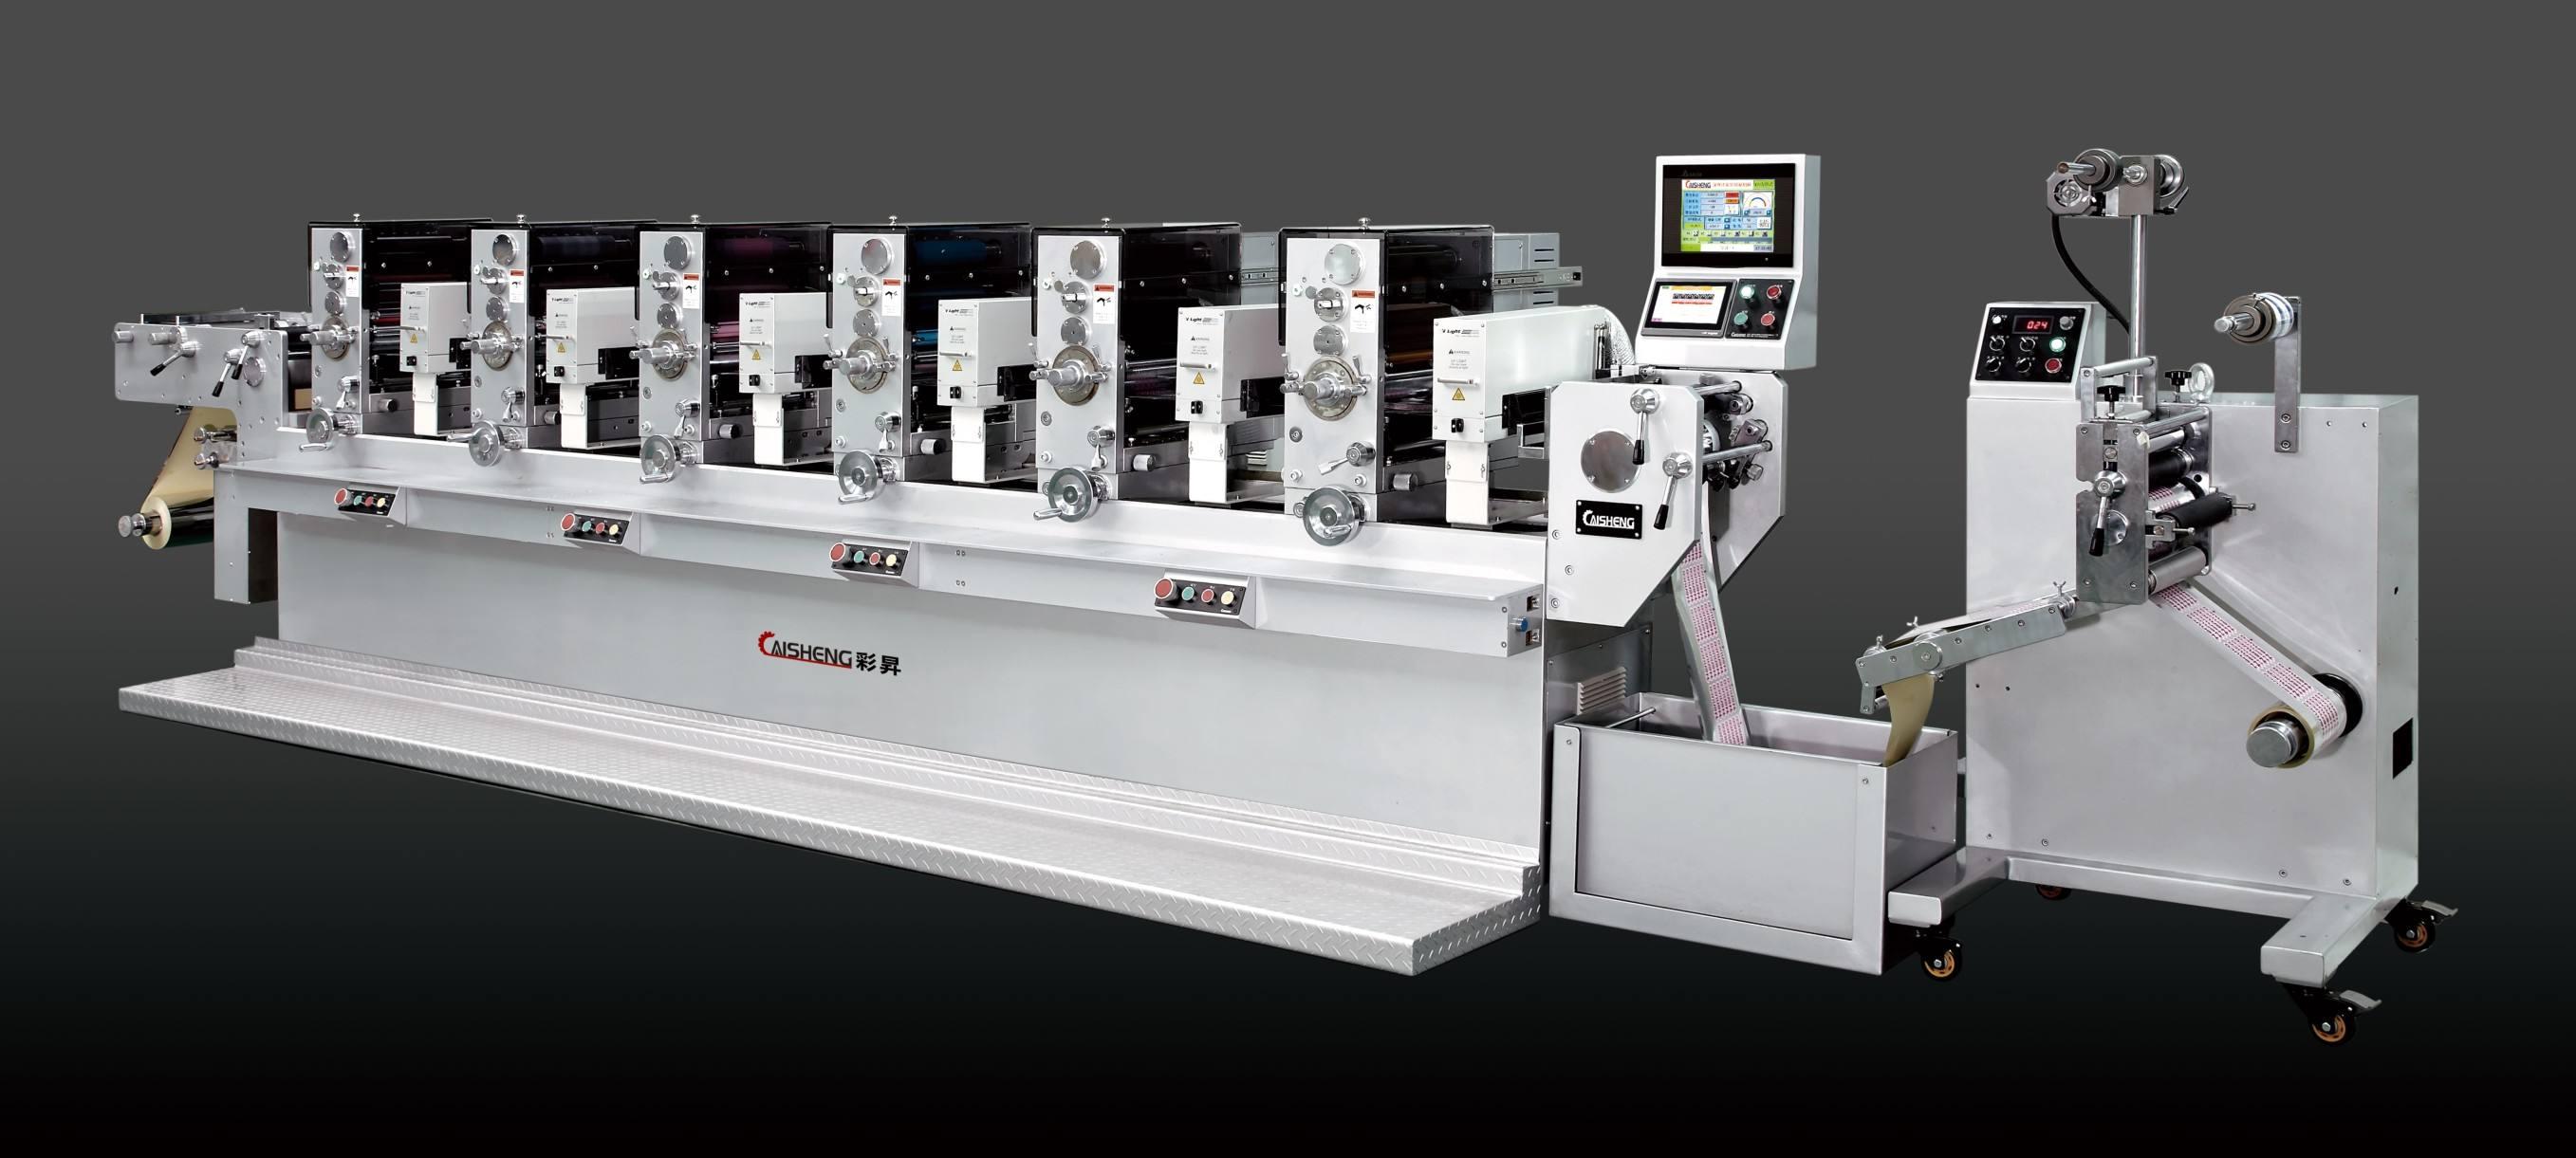 全轮转UV LED固化机使得软包装印刷变得更有利可图